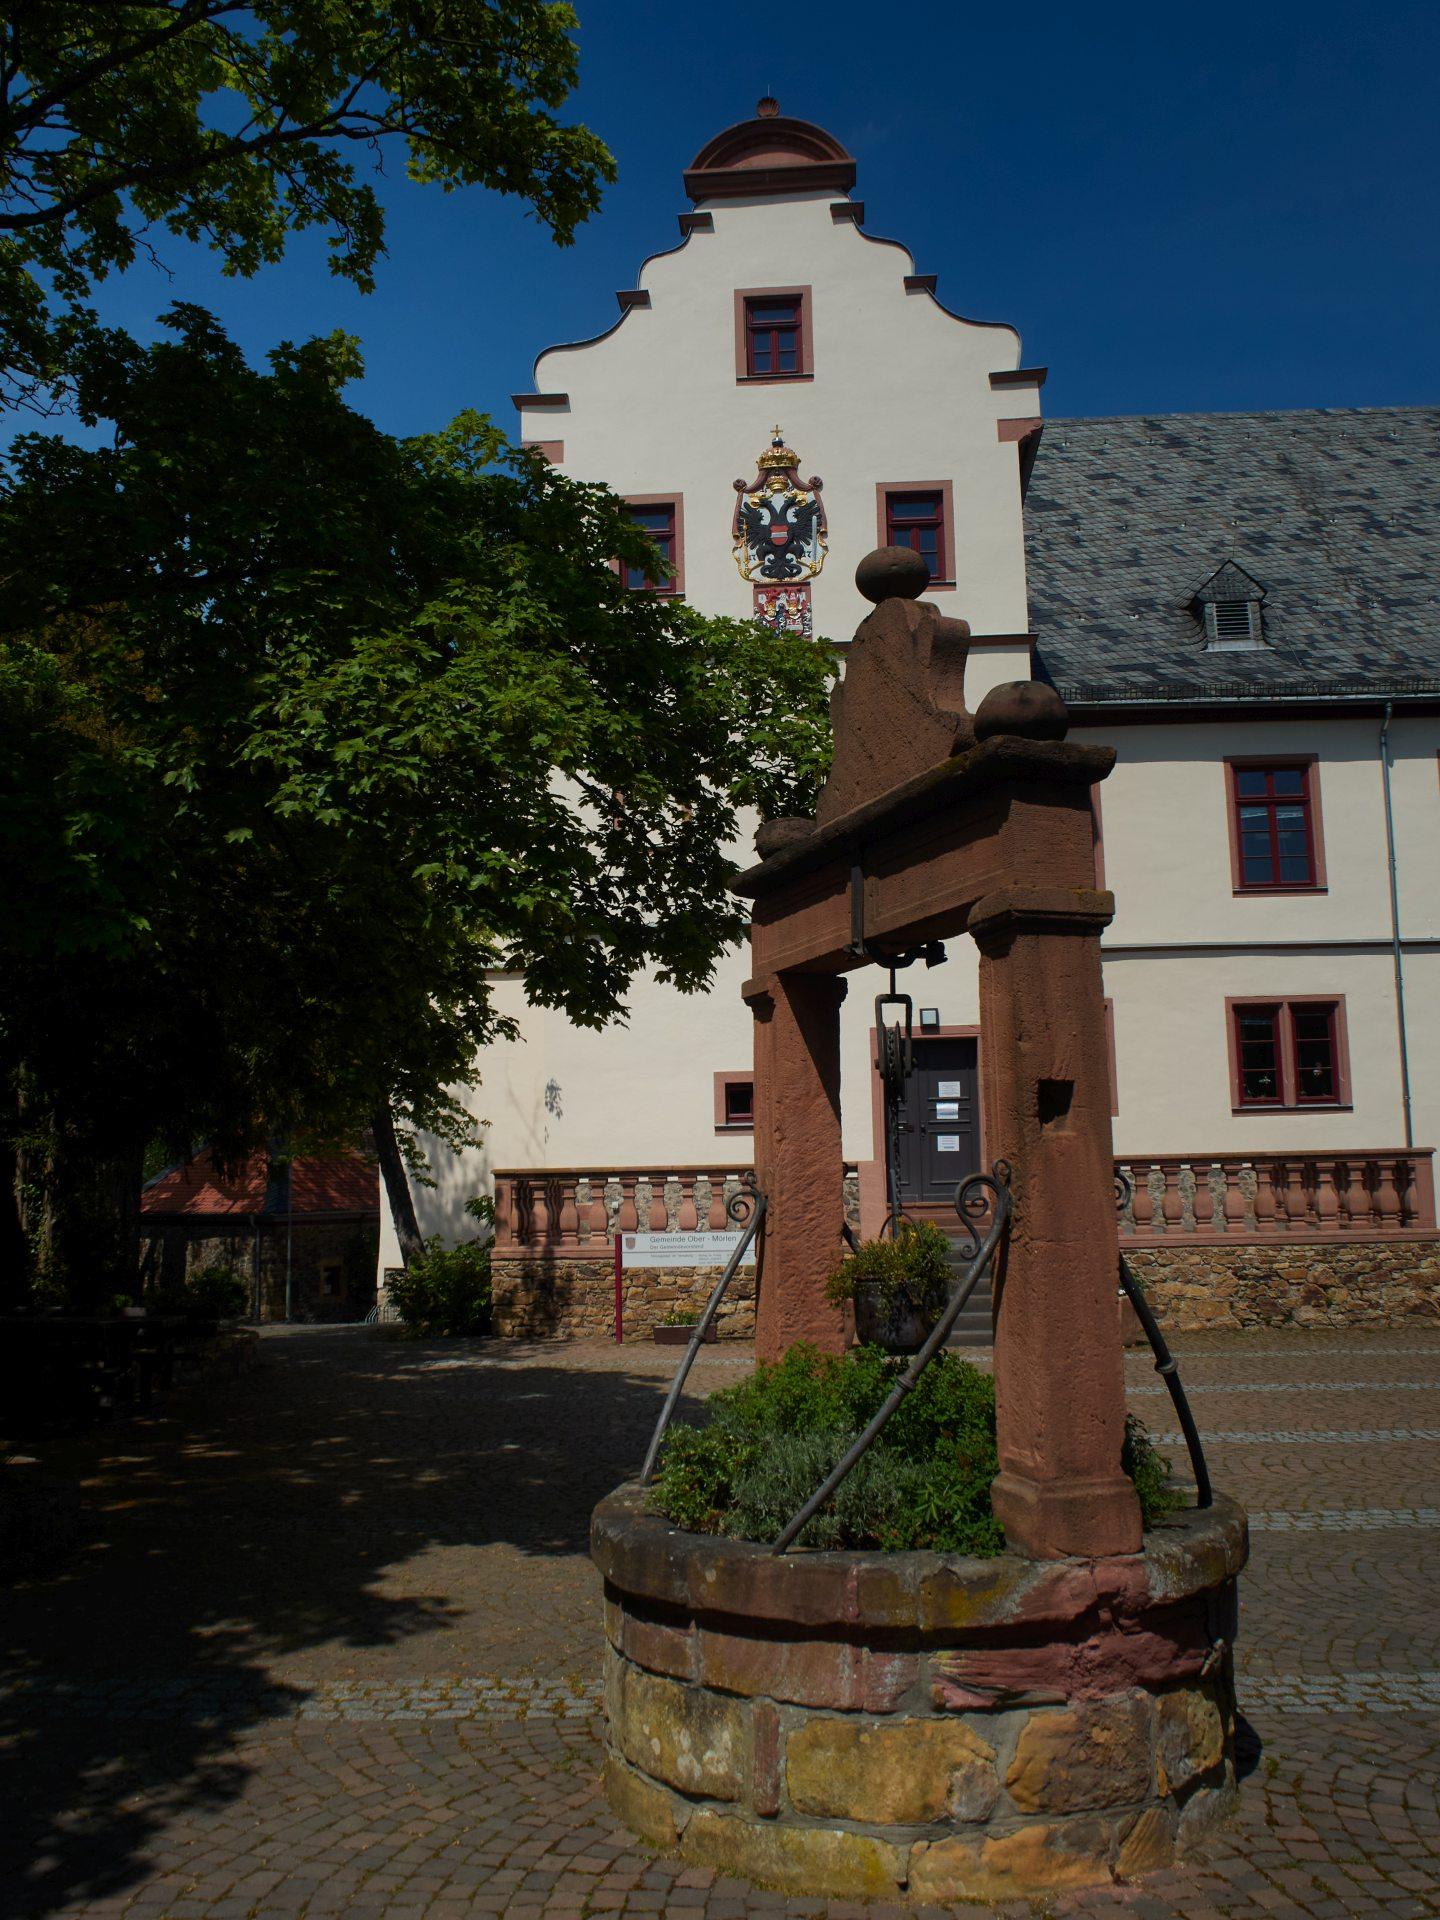 Schloß Ober-Mörlen (erbaut 1579). Als Besitzer wird 1624 Philipp Christoph von Frankenstein genannt - na? Macht der Name das Schloß einen Besuch wert?